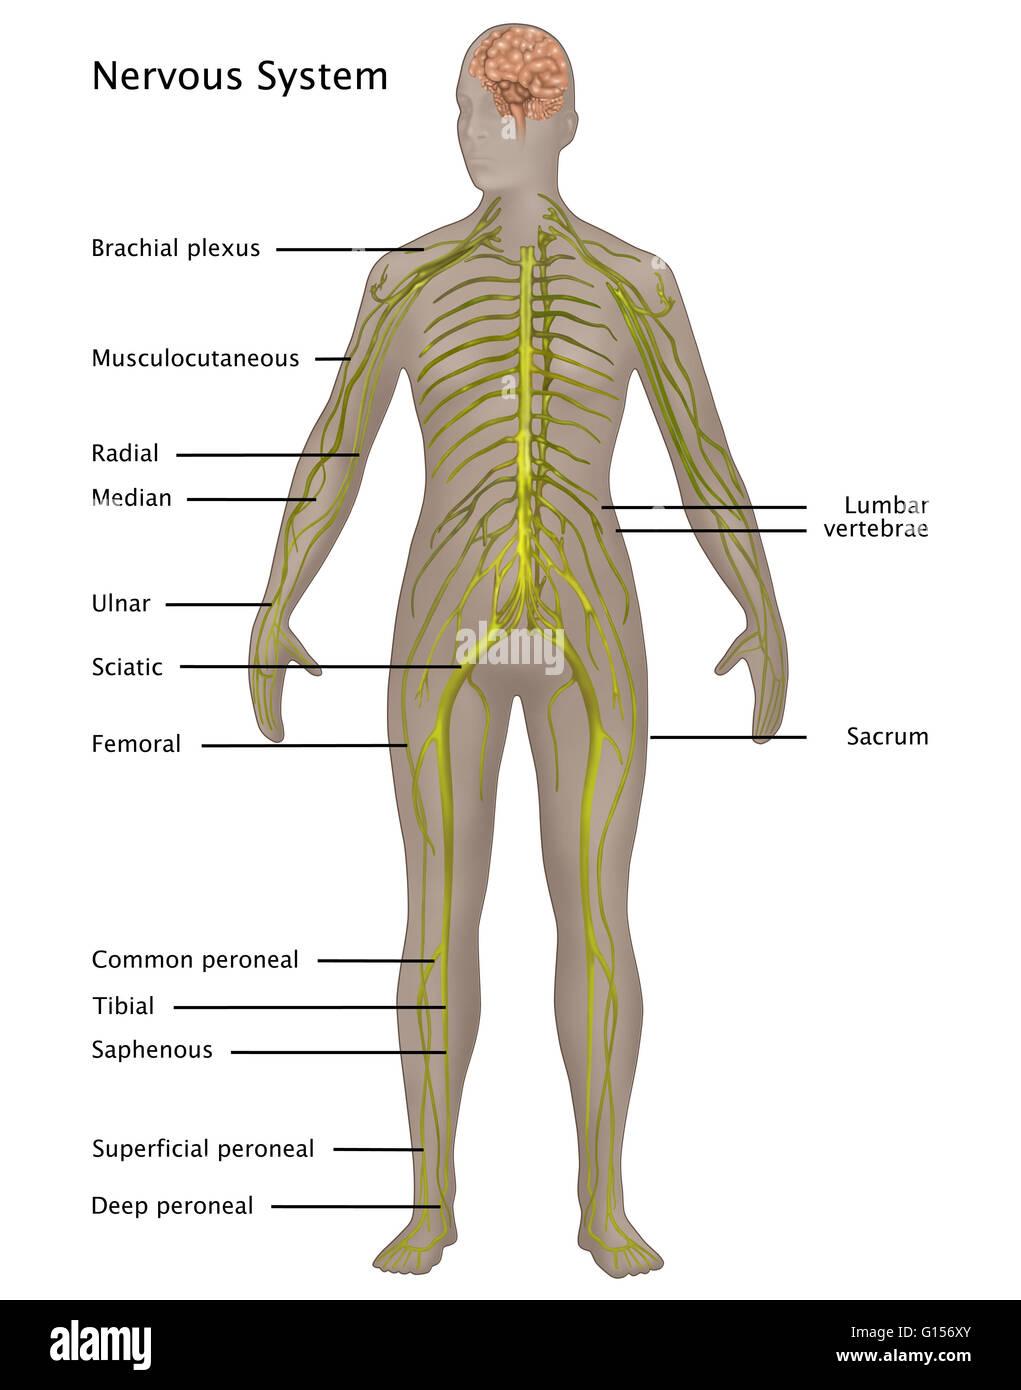 Fantastisch Plexus Brachialis Anatomie Fotos - Menschliche Anatomie ...